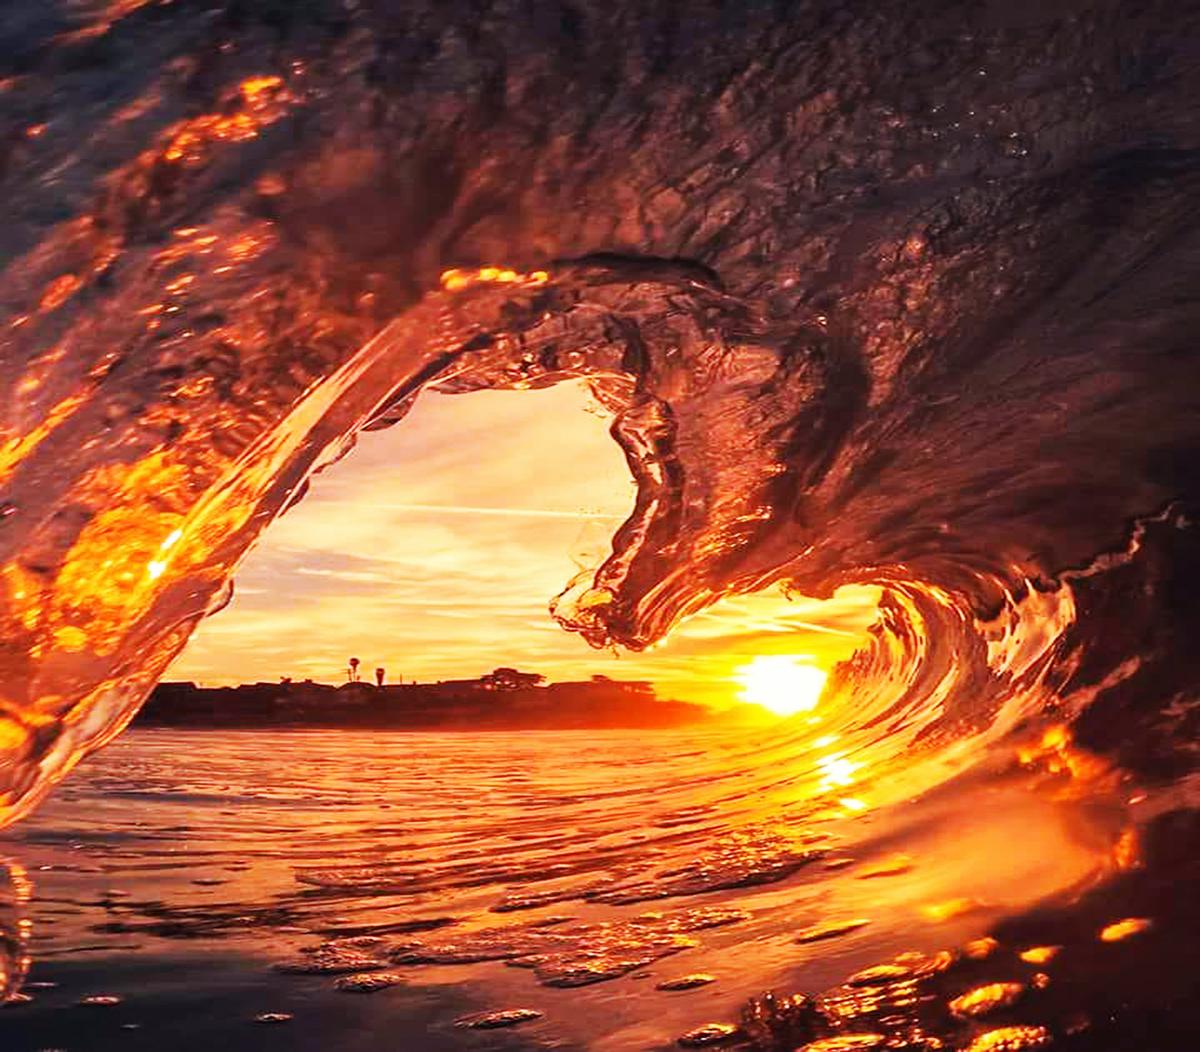 Fotos de amaneceres y atardeceres: enmarcando el sol